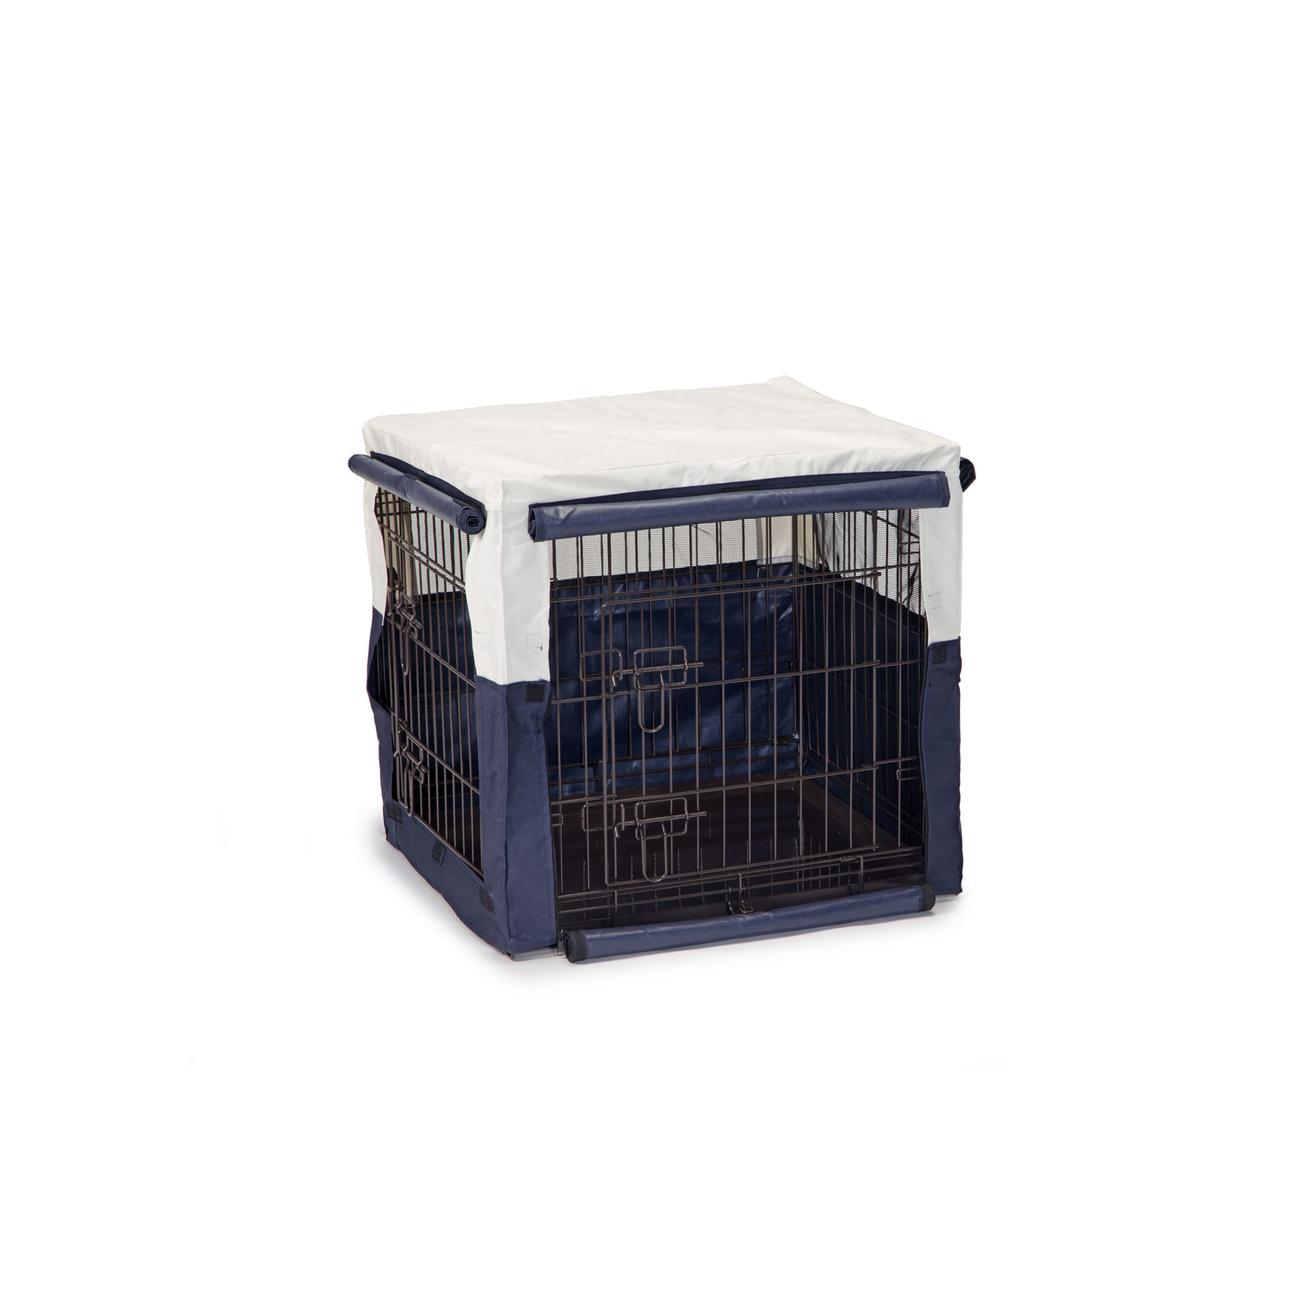 Beeztees Gitterbox Überzug Benco für Bench, Bild 9